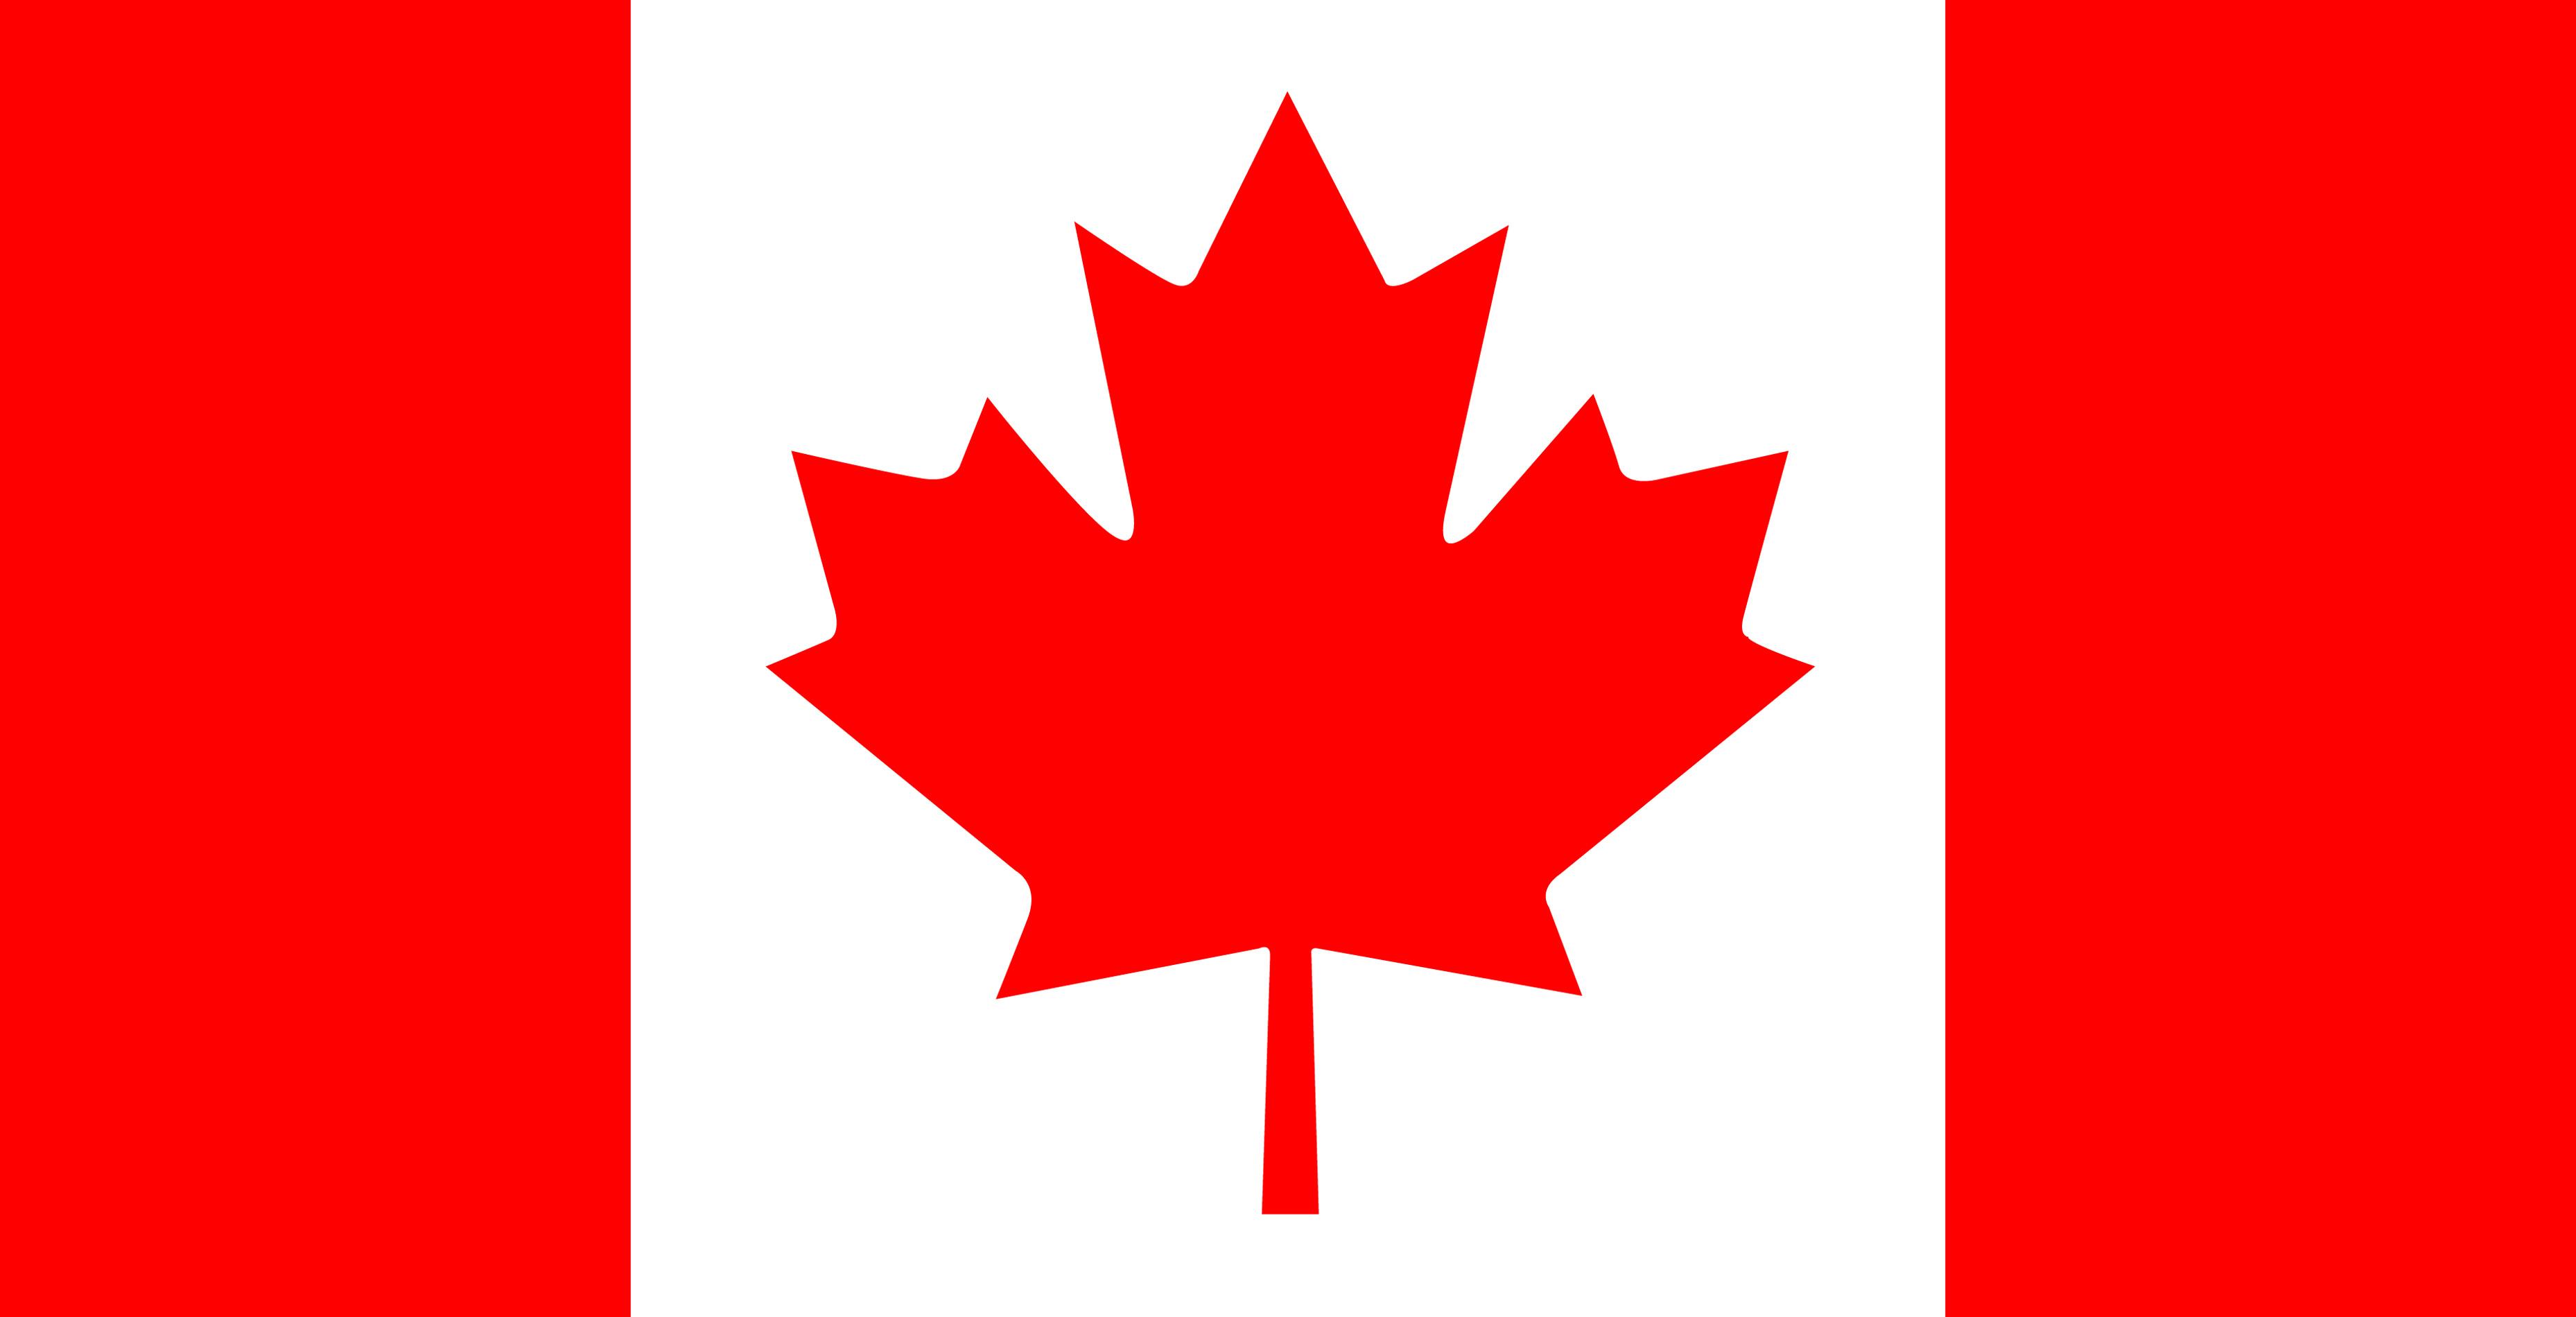 بيانات التوظيف الكندية تسجل ارتفاعًا